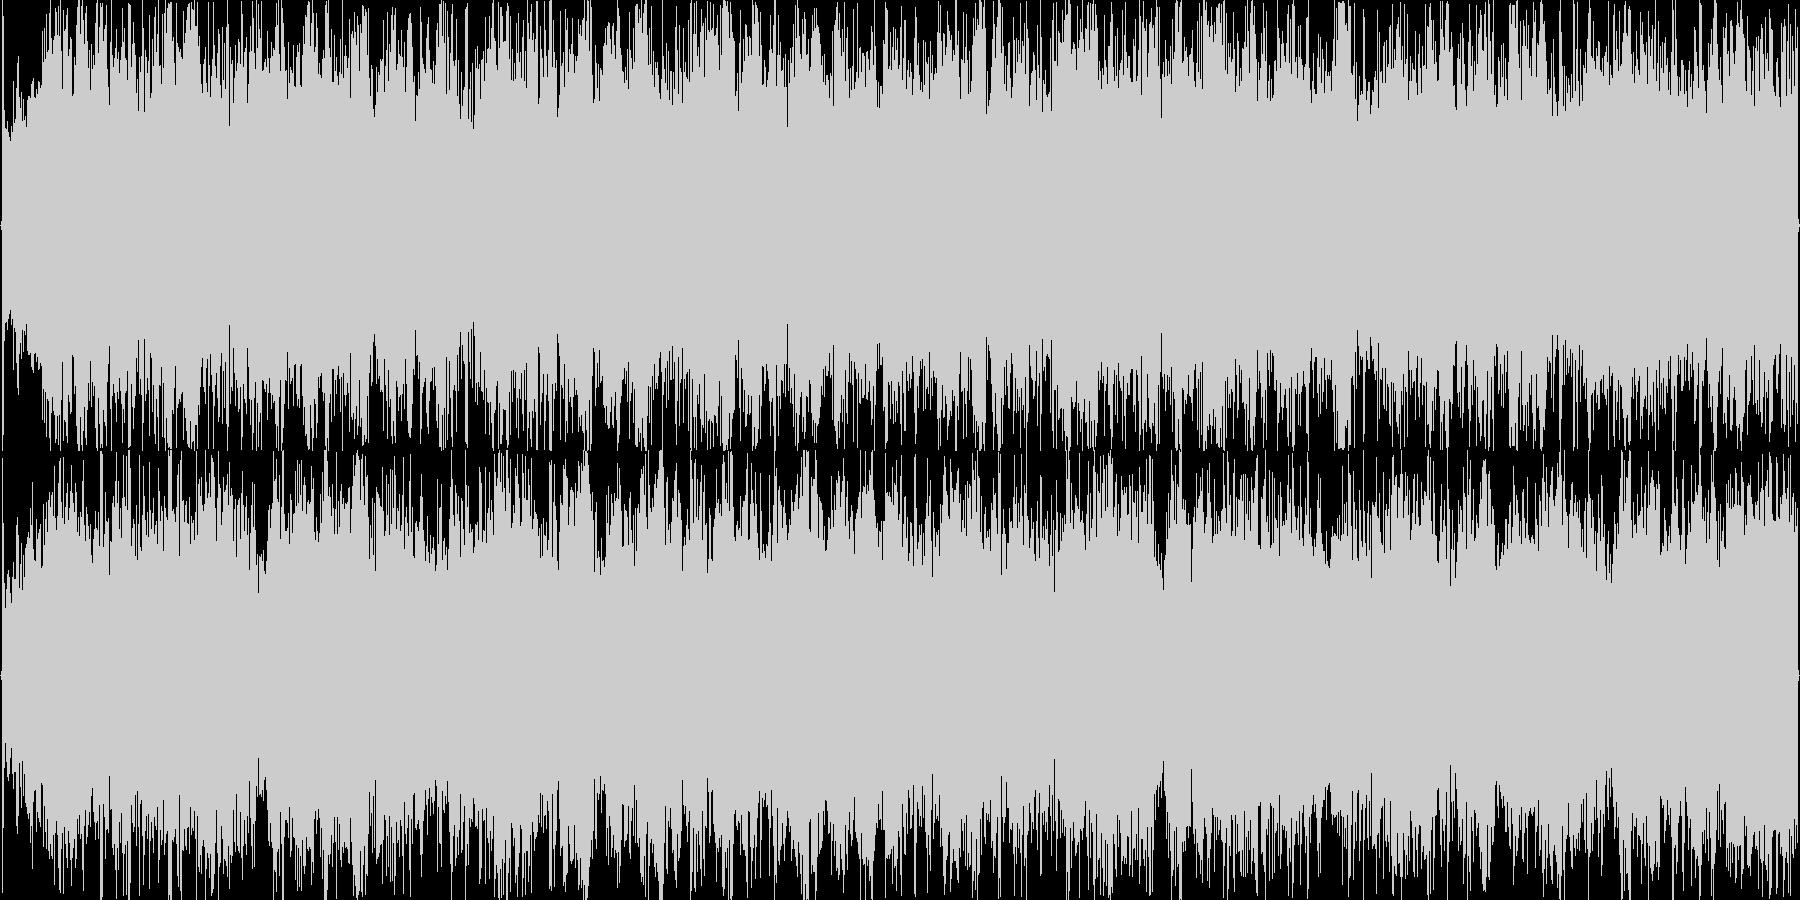 キュートなガールズコーラス入りBGMの未再生の波形